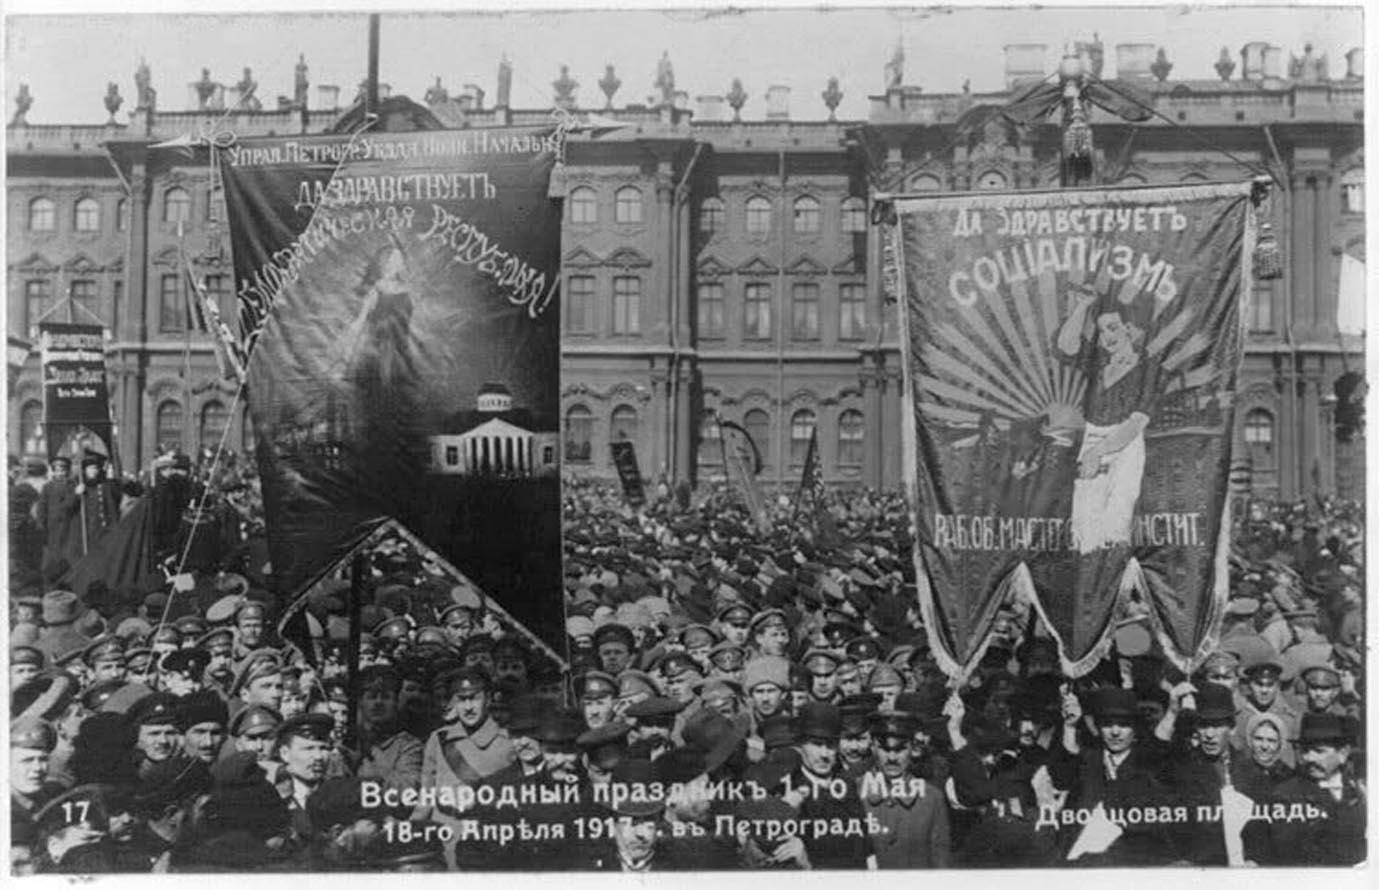 25Всенародный праздник 1-го Мая, 18 апреля 1917 г. Дворцовая площадь